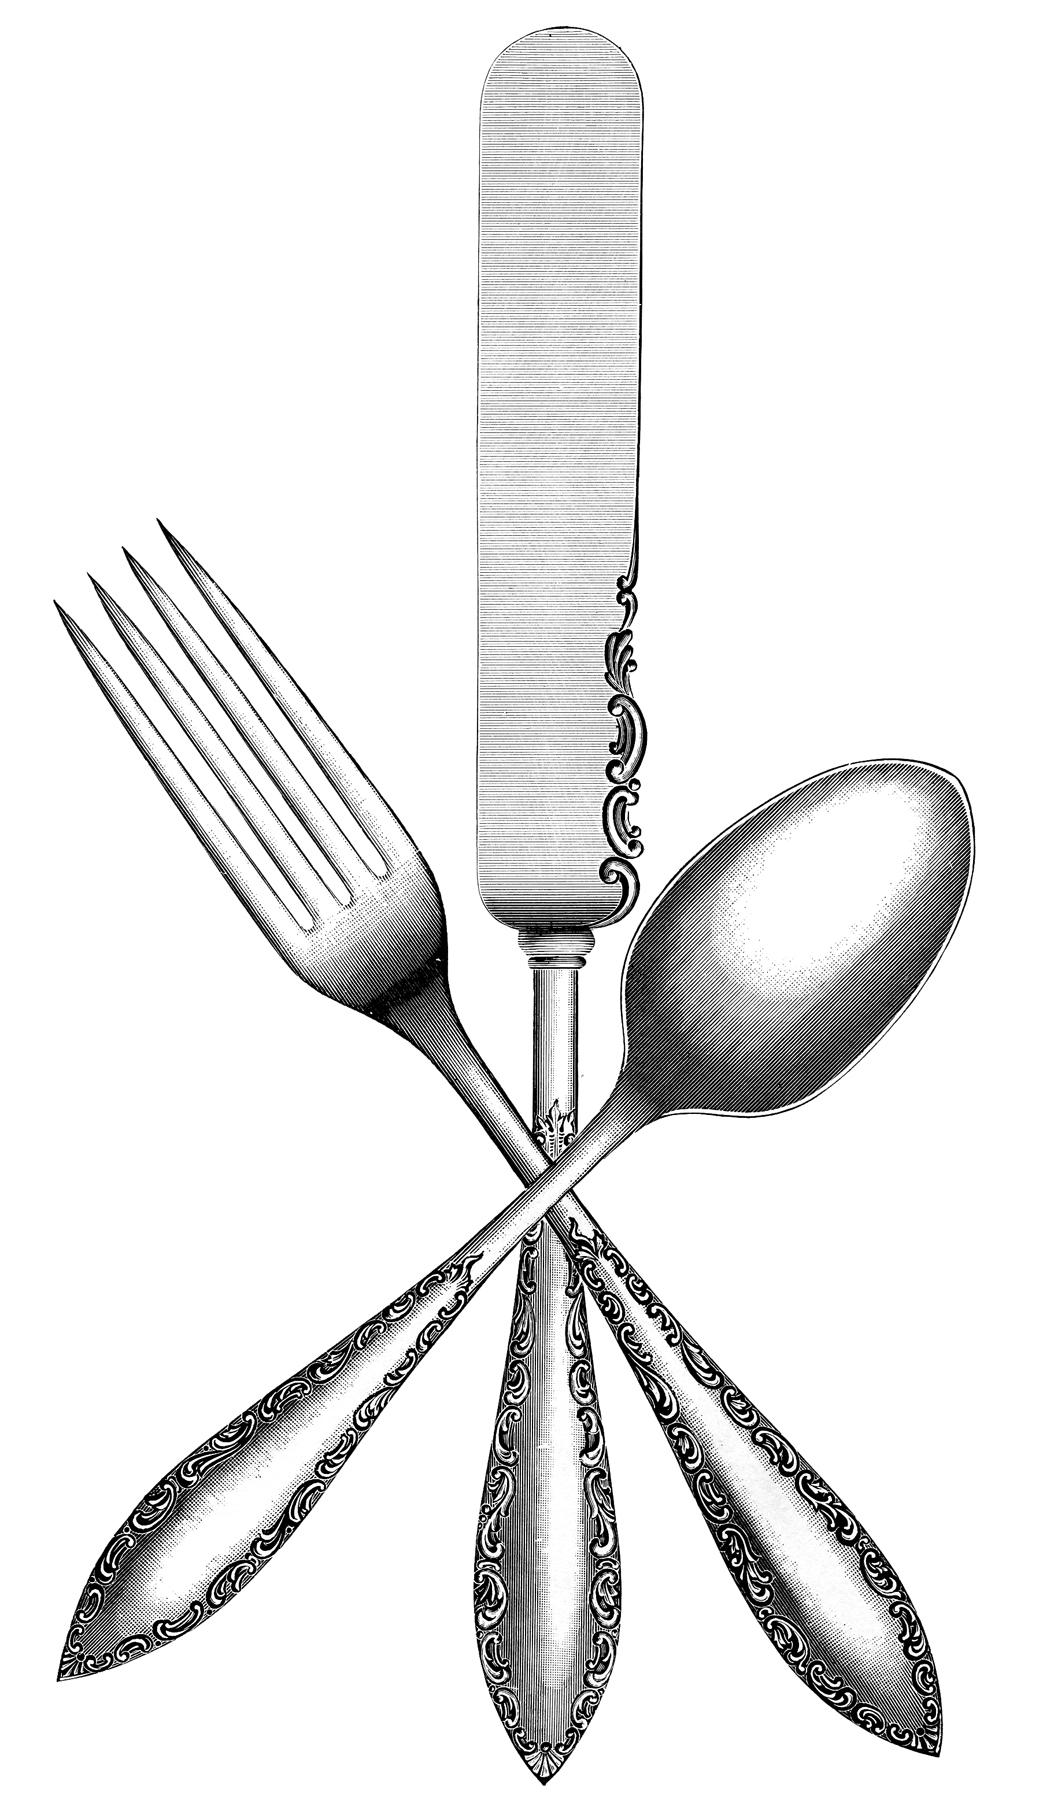 Вилка, нож и ложка - черно-белая винтажная гравюра